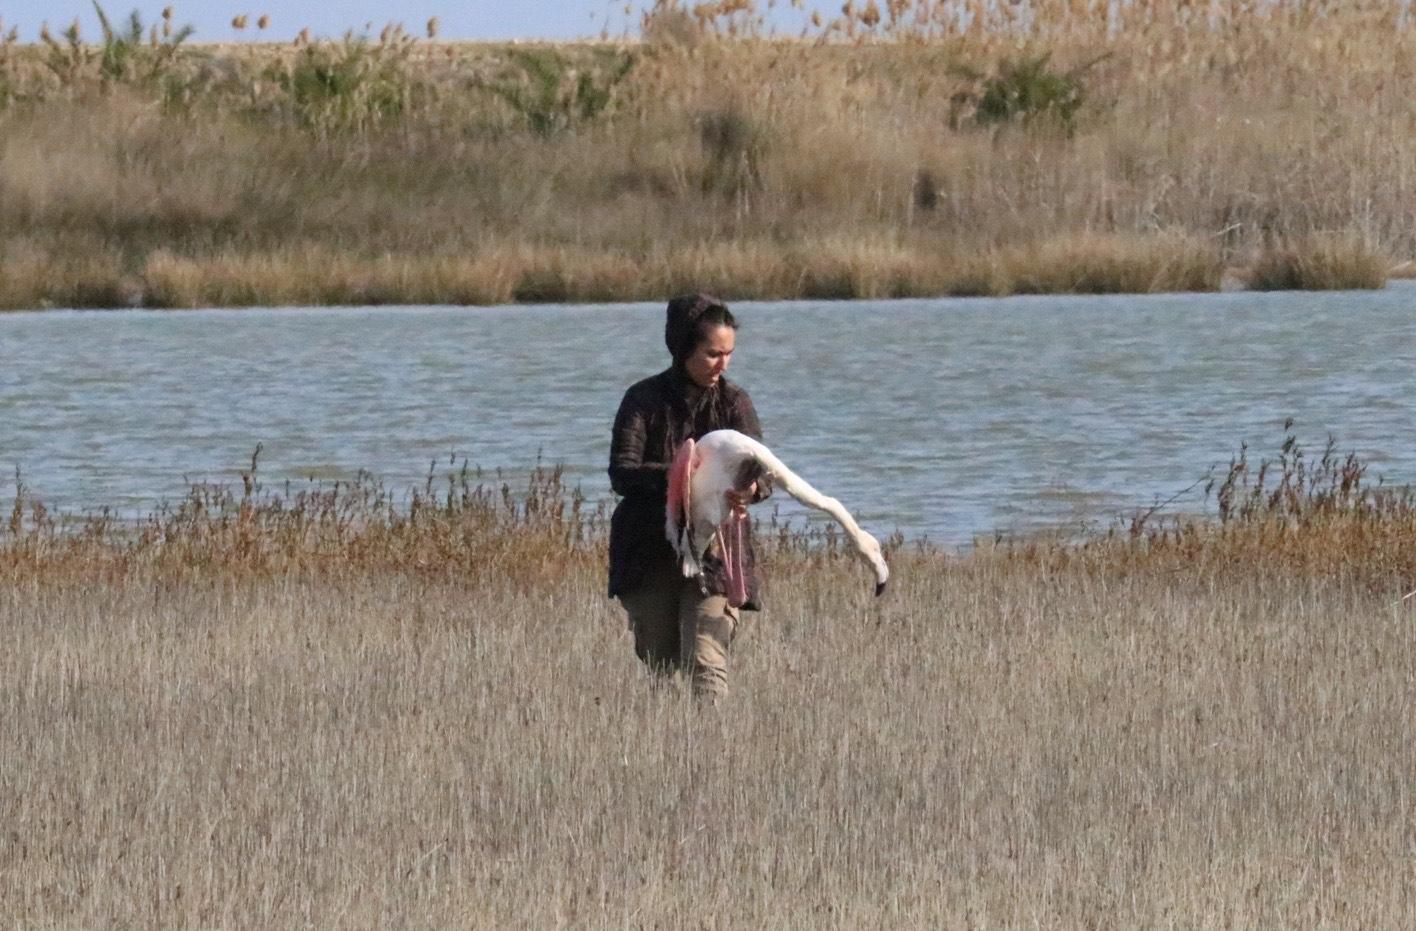 Χαλκιδική: Δεκάδες φλαμίνγκο καταπίνουν σκάγια και πεθαίνουν στη λιμνοθάλασσα